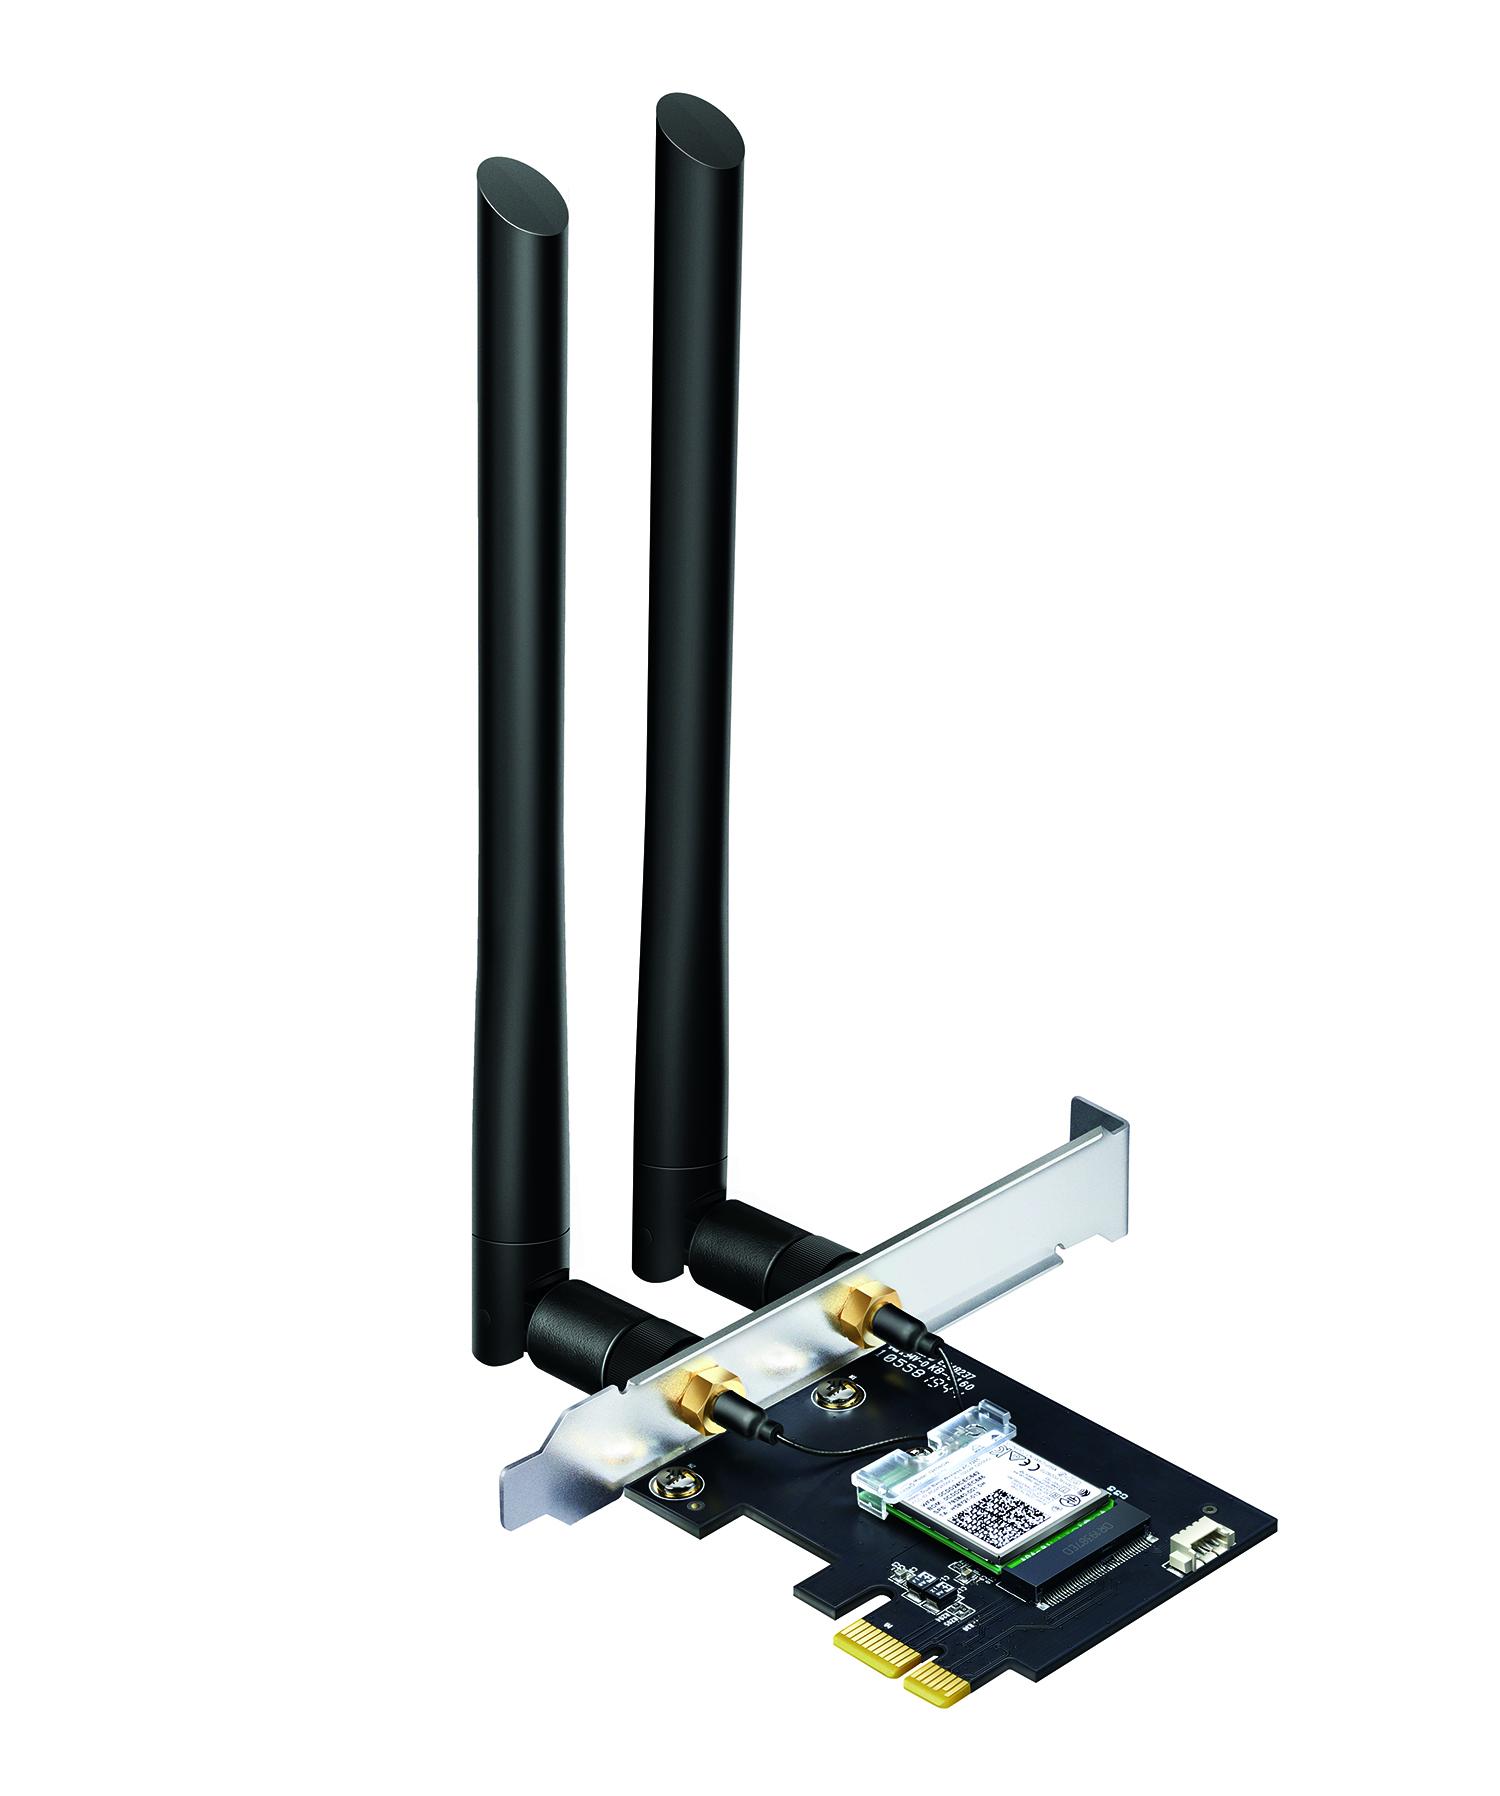 Archer T5E Adaptador AC1200 Wi-Fi Bluetooth 4.2 PCIe